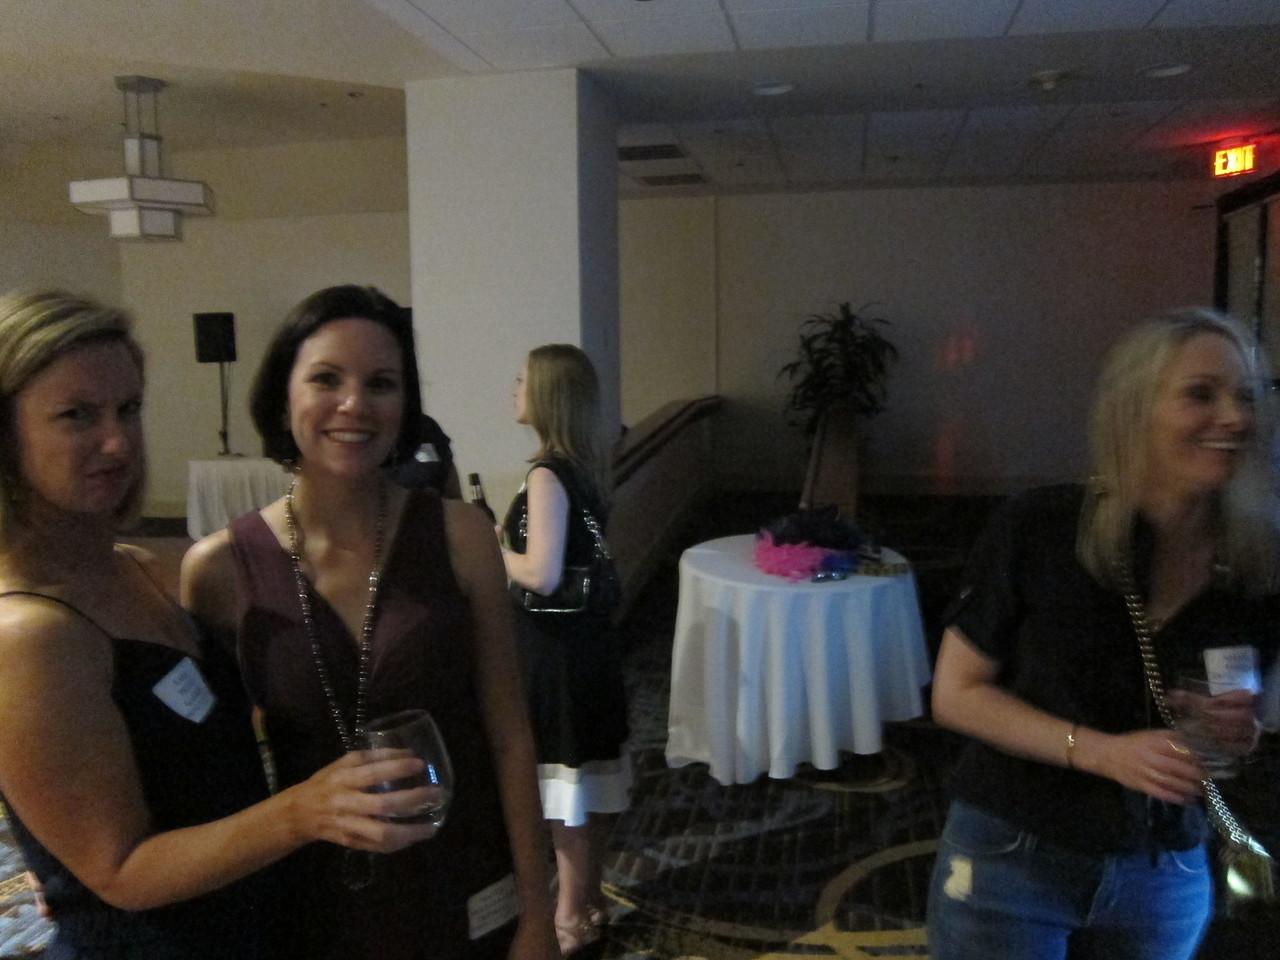 Lara, Mandy and Sarah